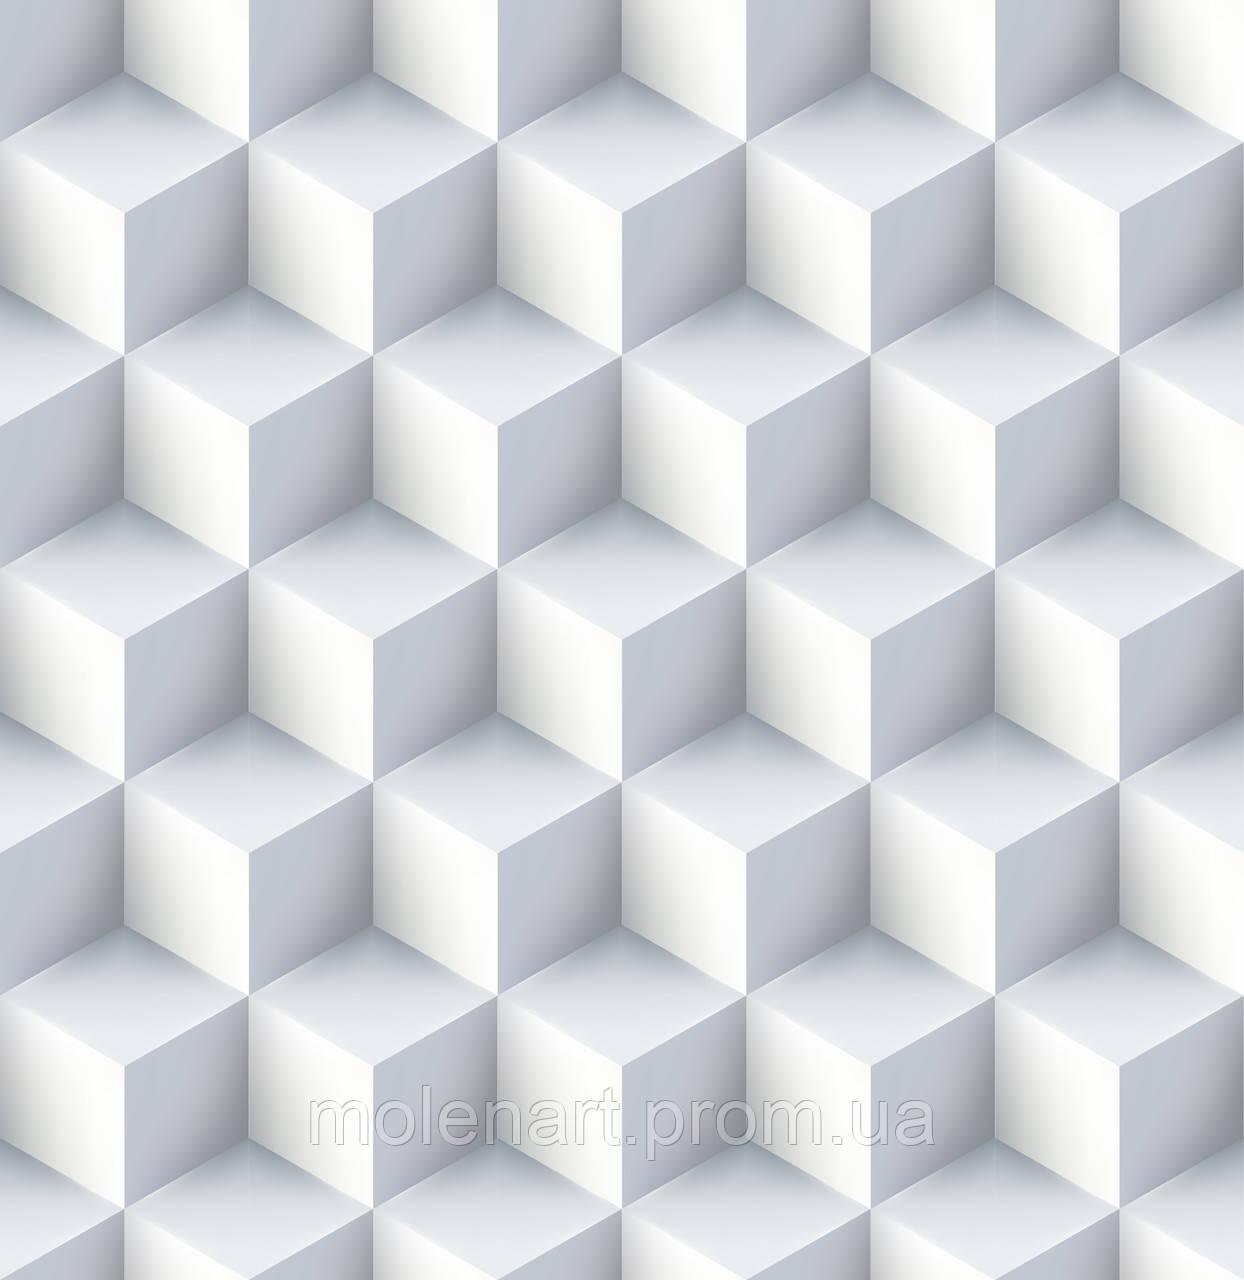 Абстракция рисунок кубы